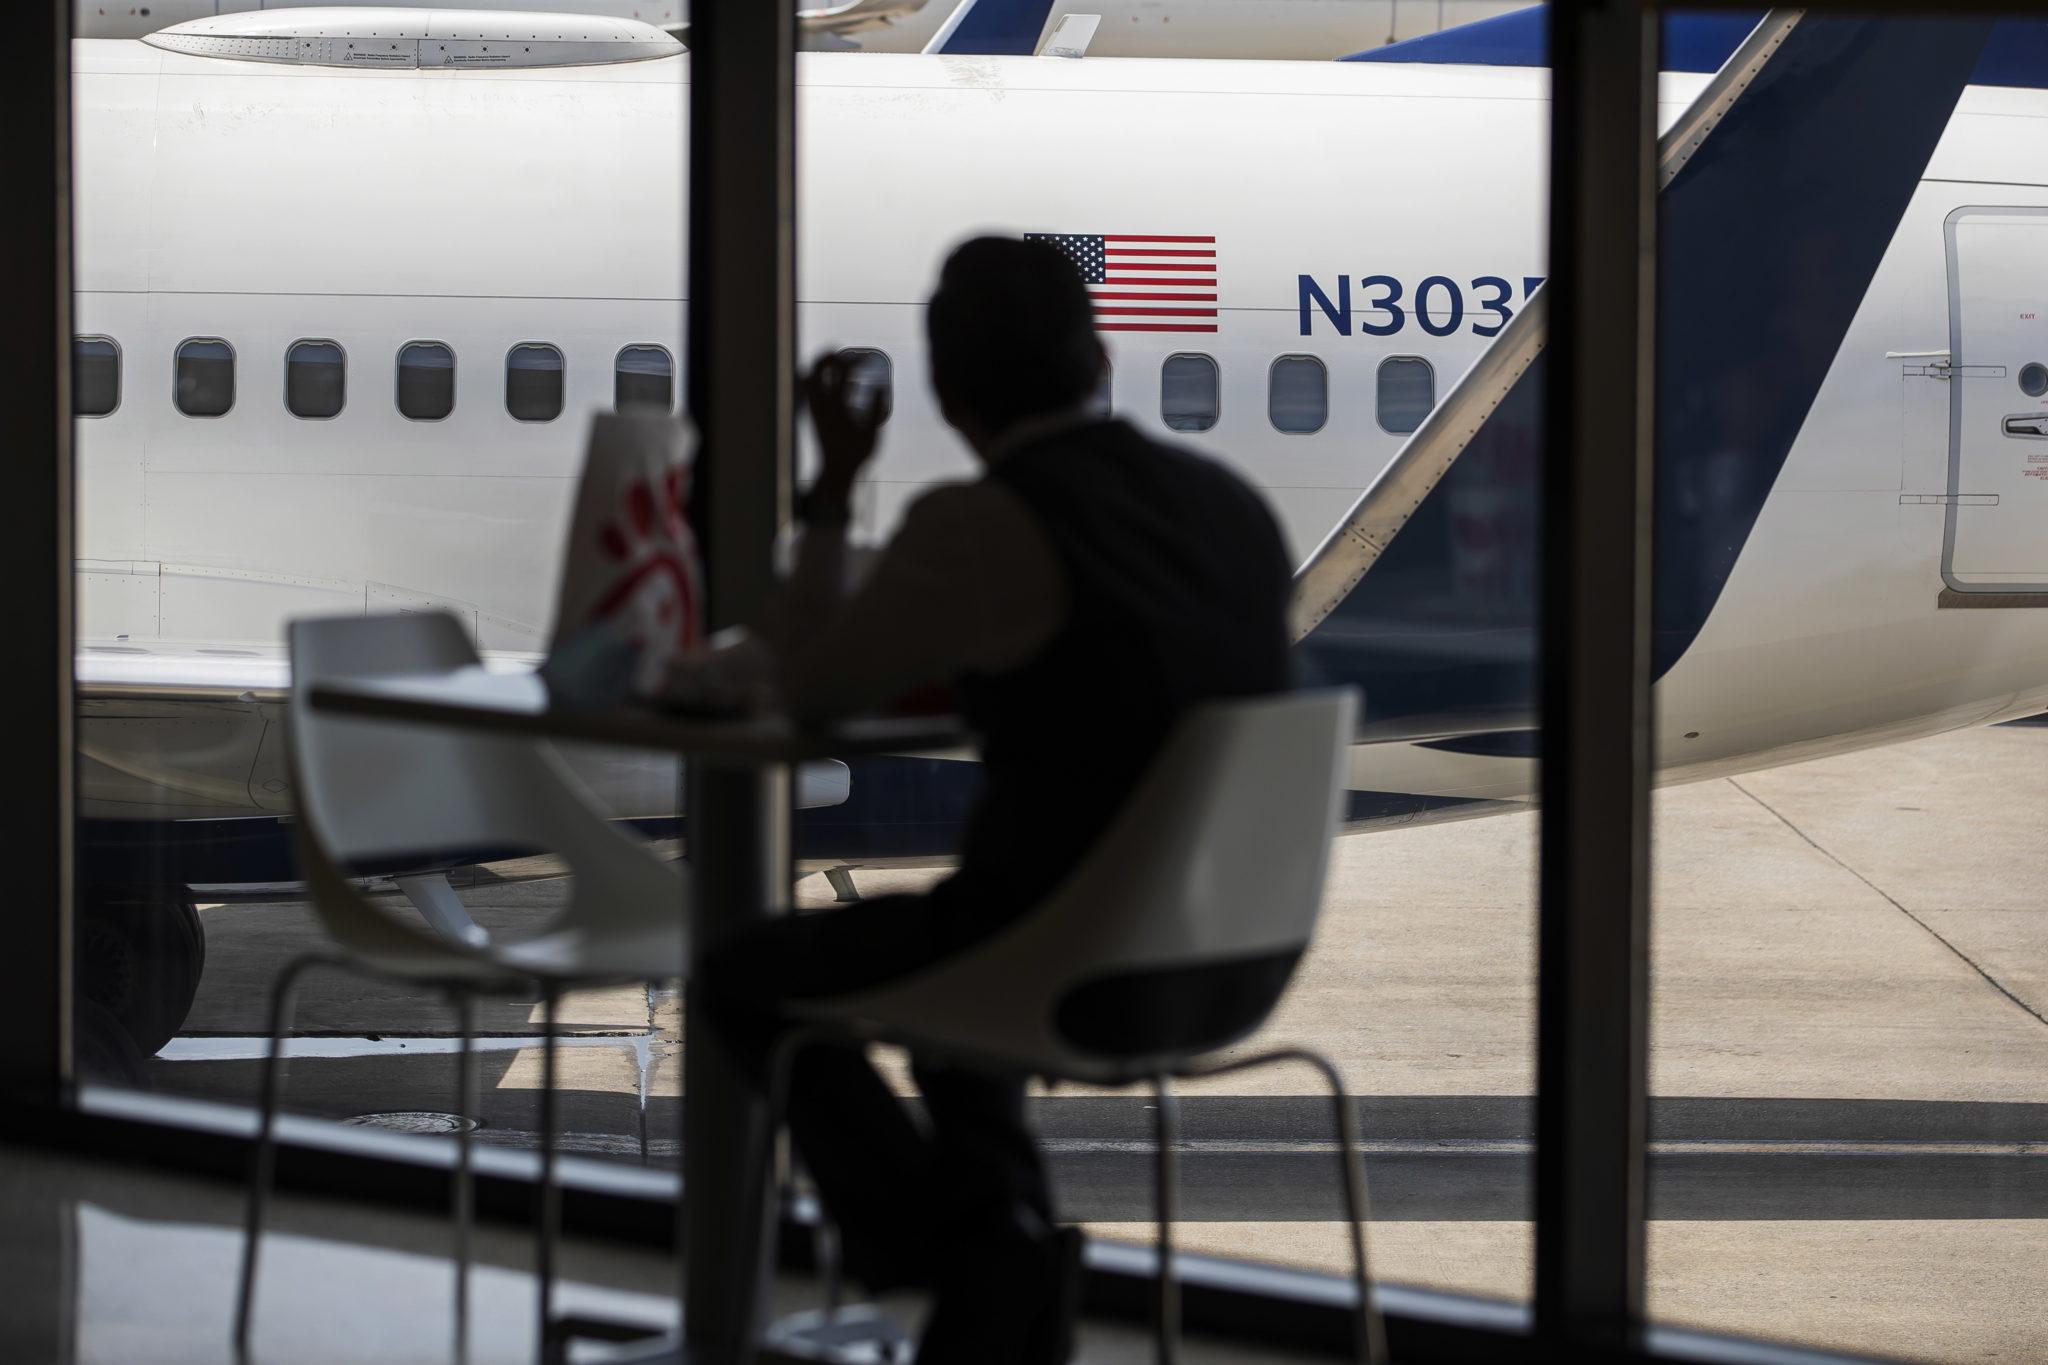 USA, lotnisko w Atlancie, zwiększa się ruch turystyczny na lotniskach w USA, choć jeszcze nie wszędzie można poleciec, fot. EPA / ERIK S. LESSER